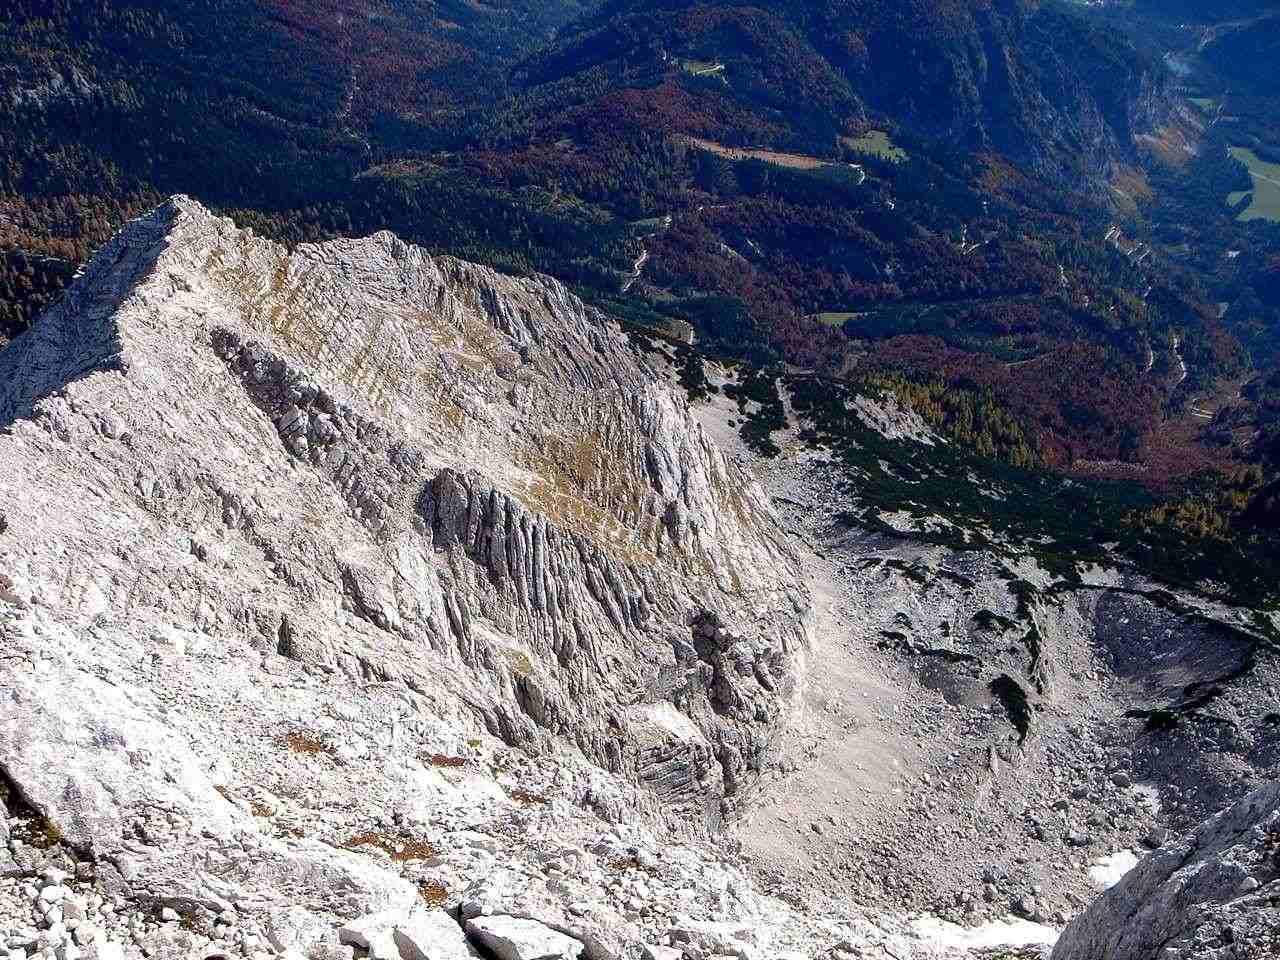 Foto: Manfred Karl / Wander Tour / Über das Prielschutzhaus und den Bert-Rinesch-Klettersteig auf den Gr.Priel / Tiefblick auf Kressenberg und Goldkar / 15.06.2007 23:42:55